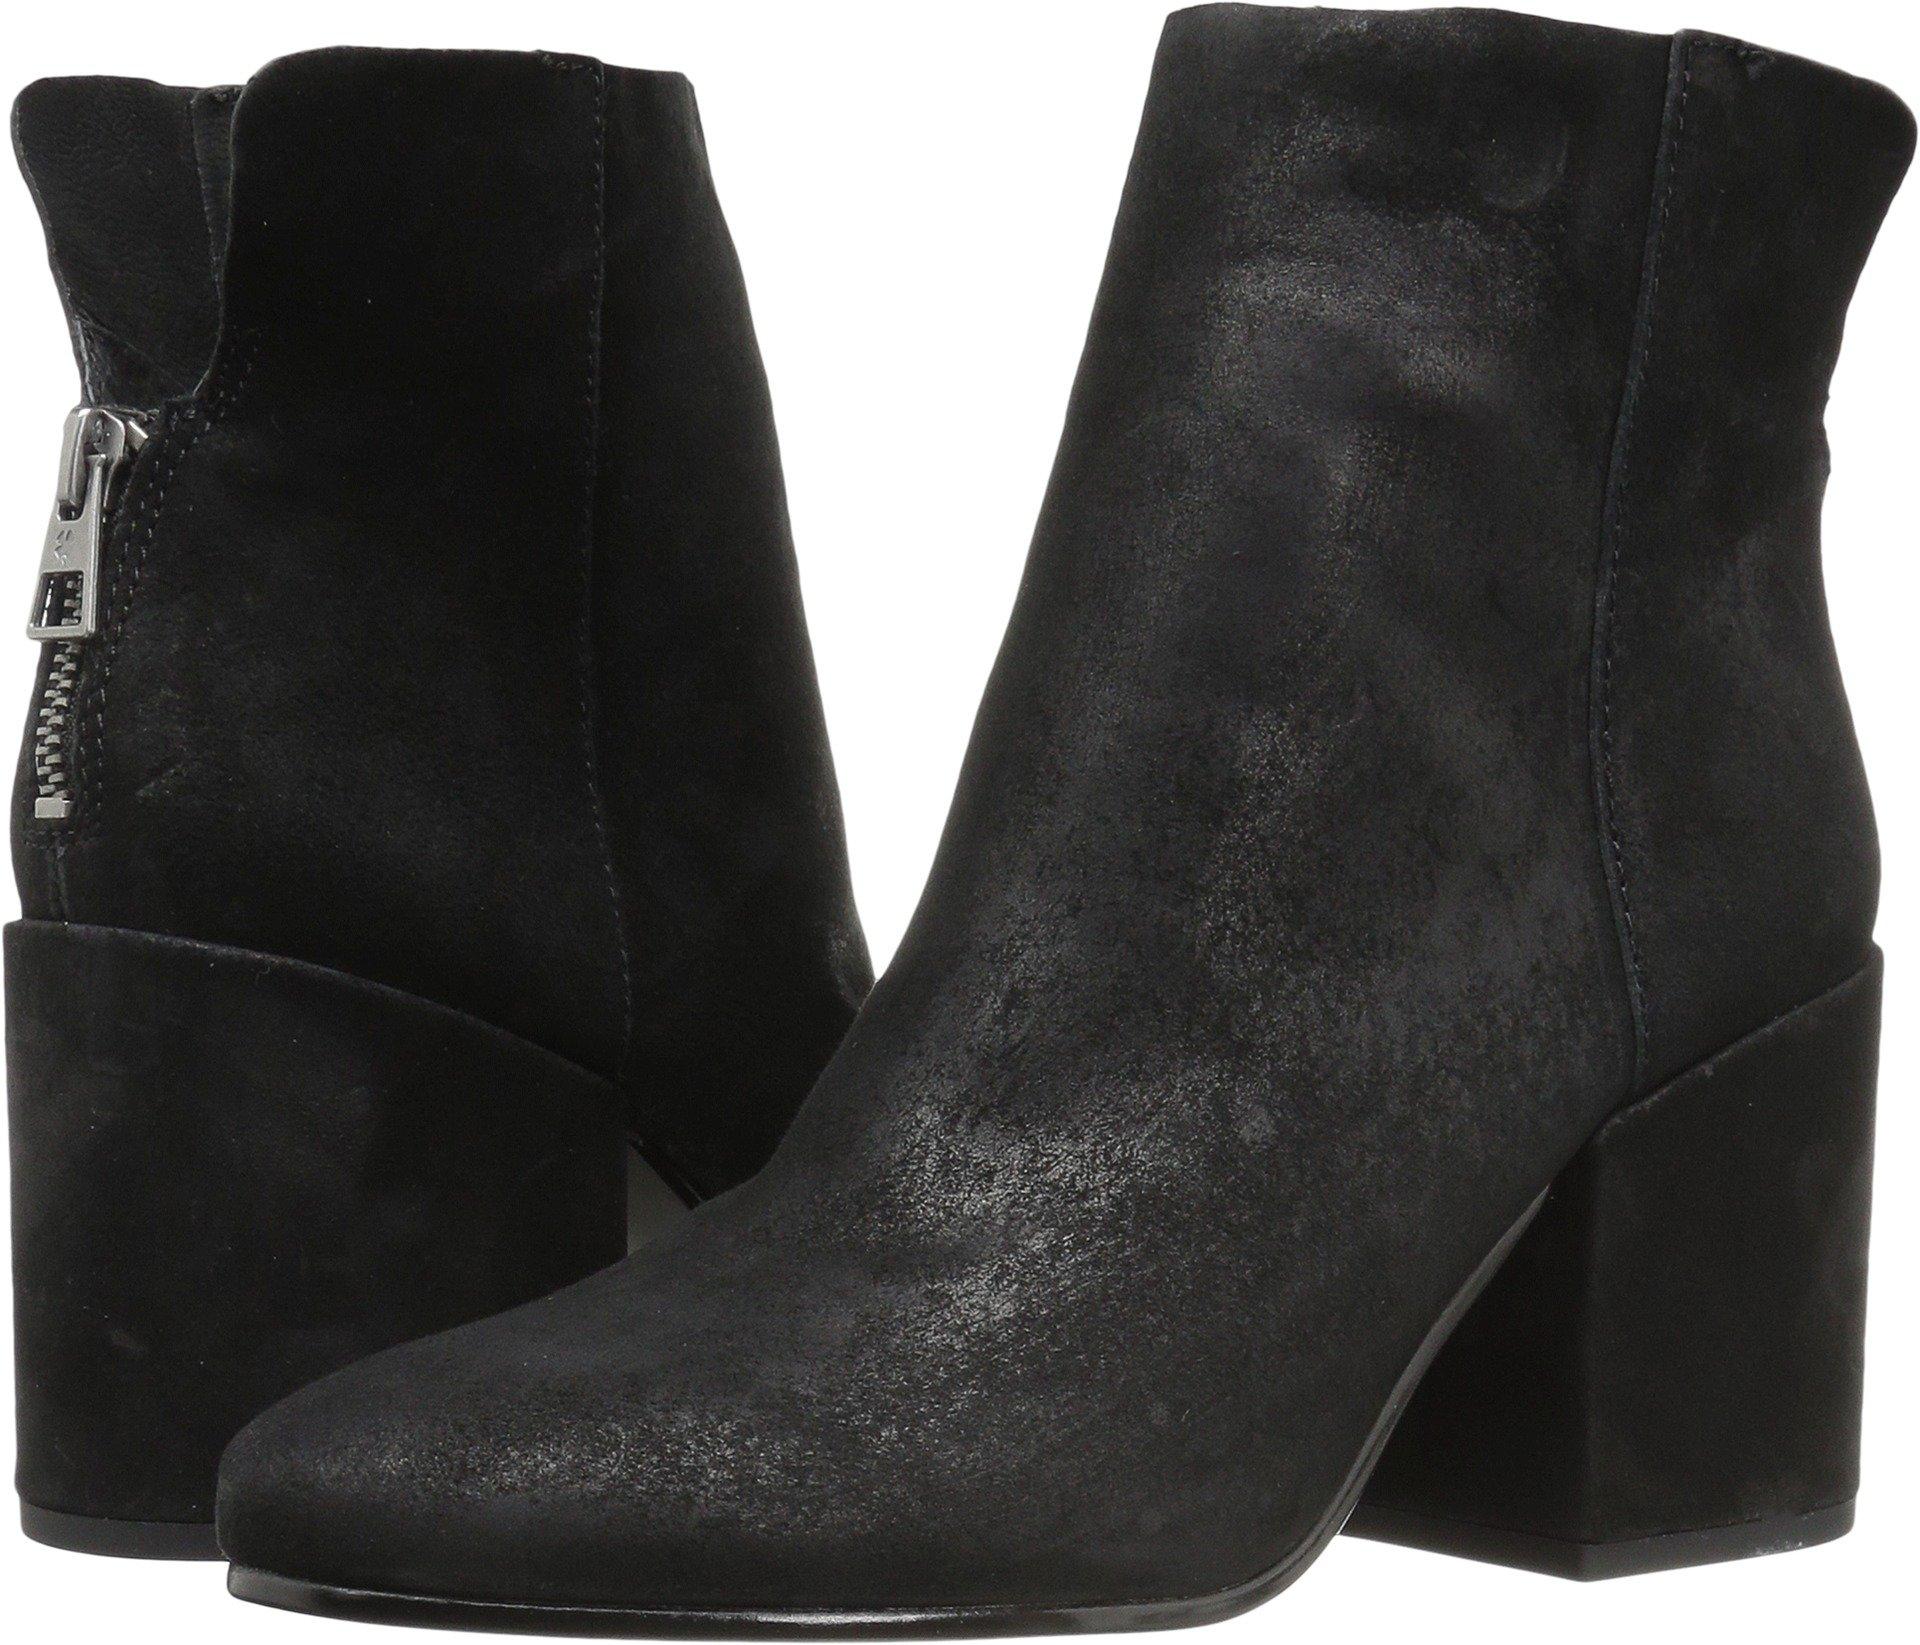 Lucky Brand Women's Ravynn Ankle Boot, Black, 8 Medium US